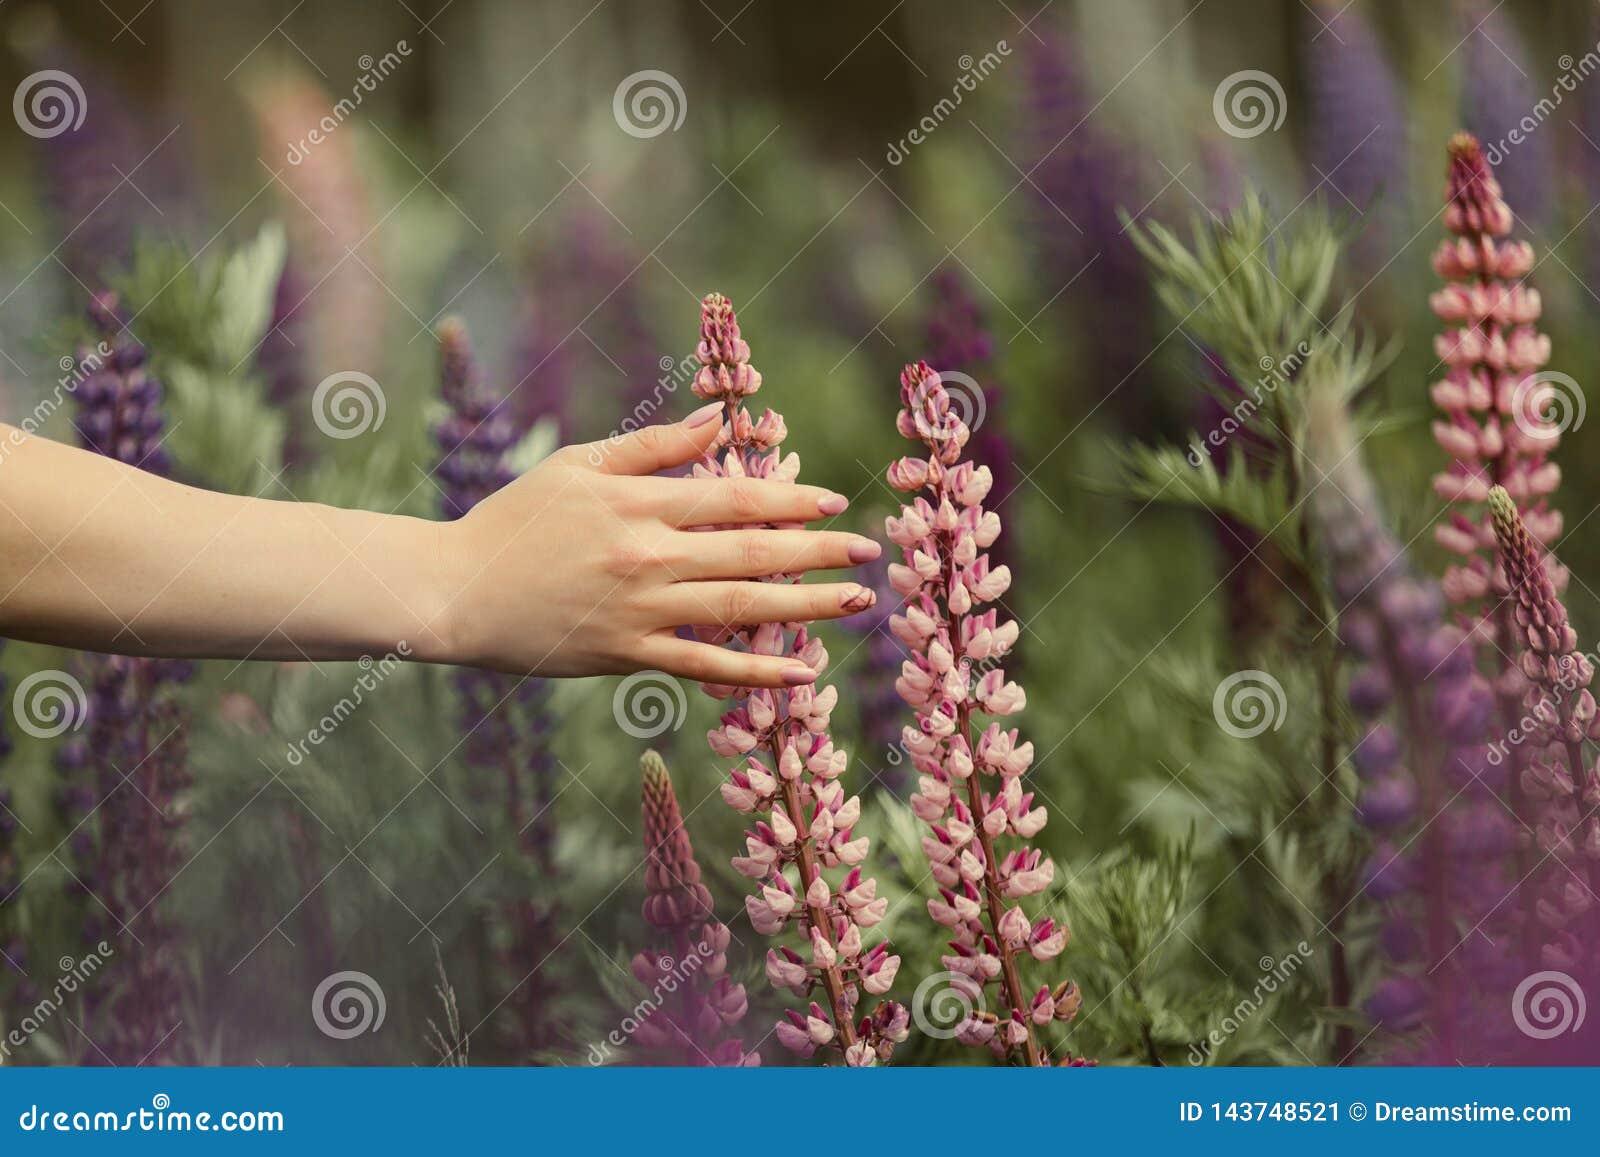 Een meisje met een mooie manicure raakt een bloem op een gebied van lupines